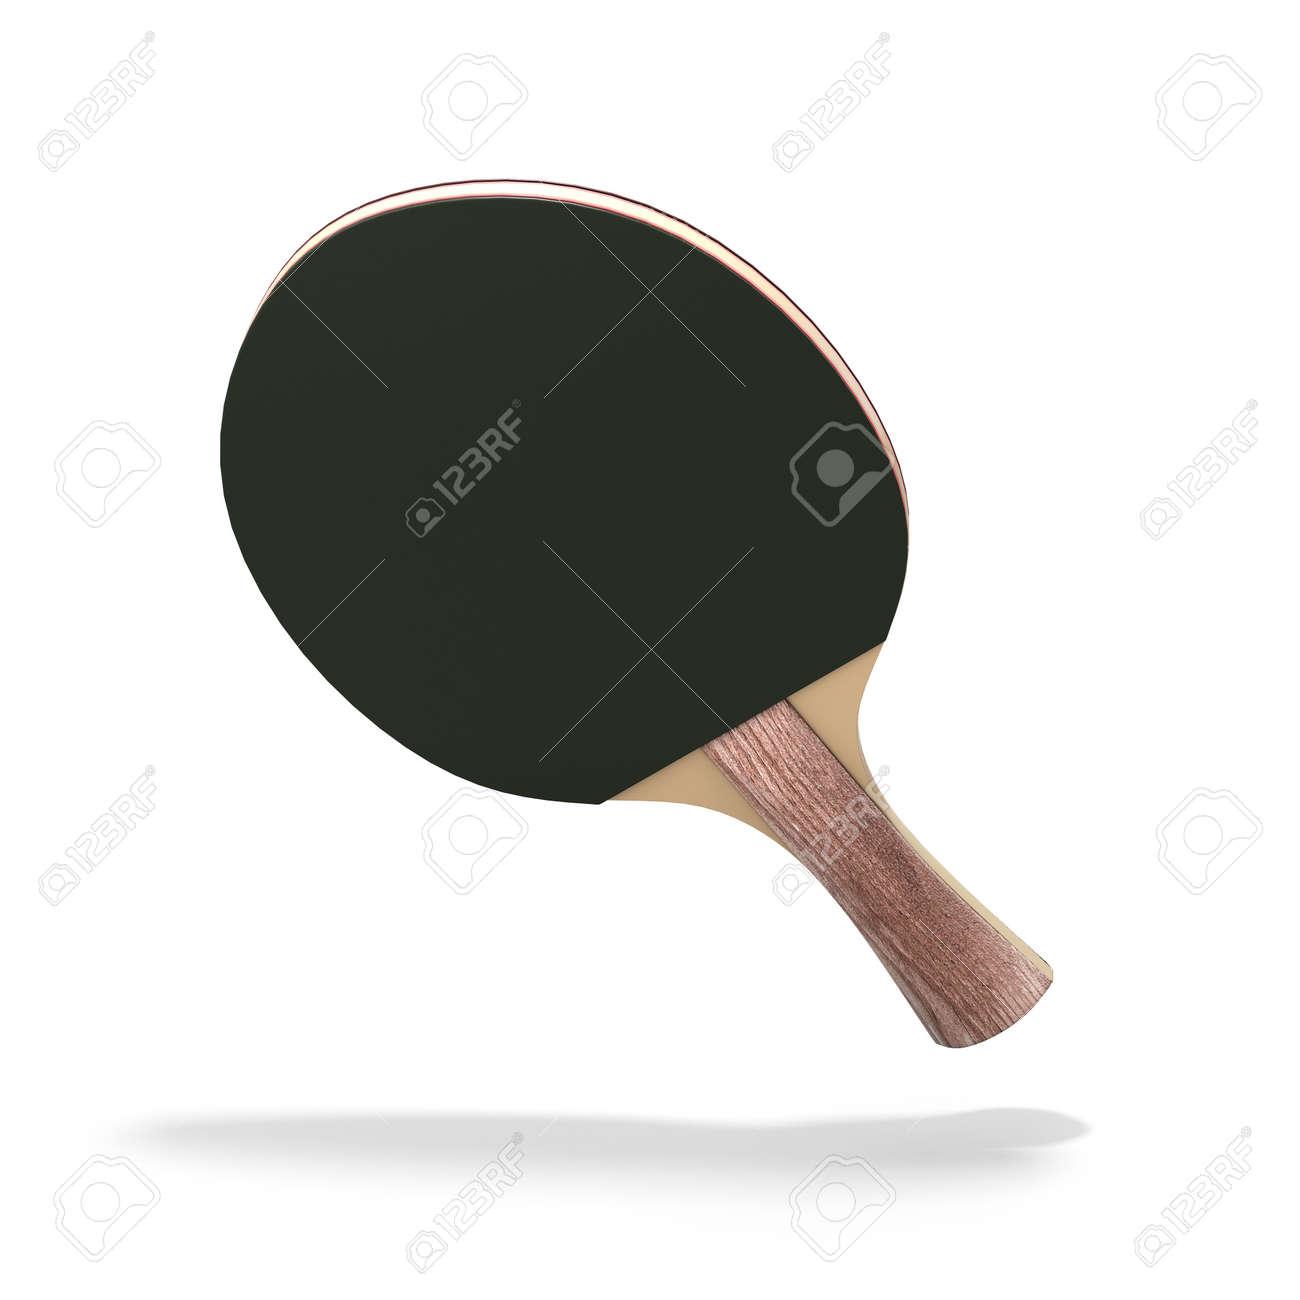 Raqueta Mesa De Ping-pong Aislado Sobre Fondo Blanco. 3d Ilustración ...